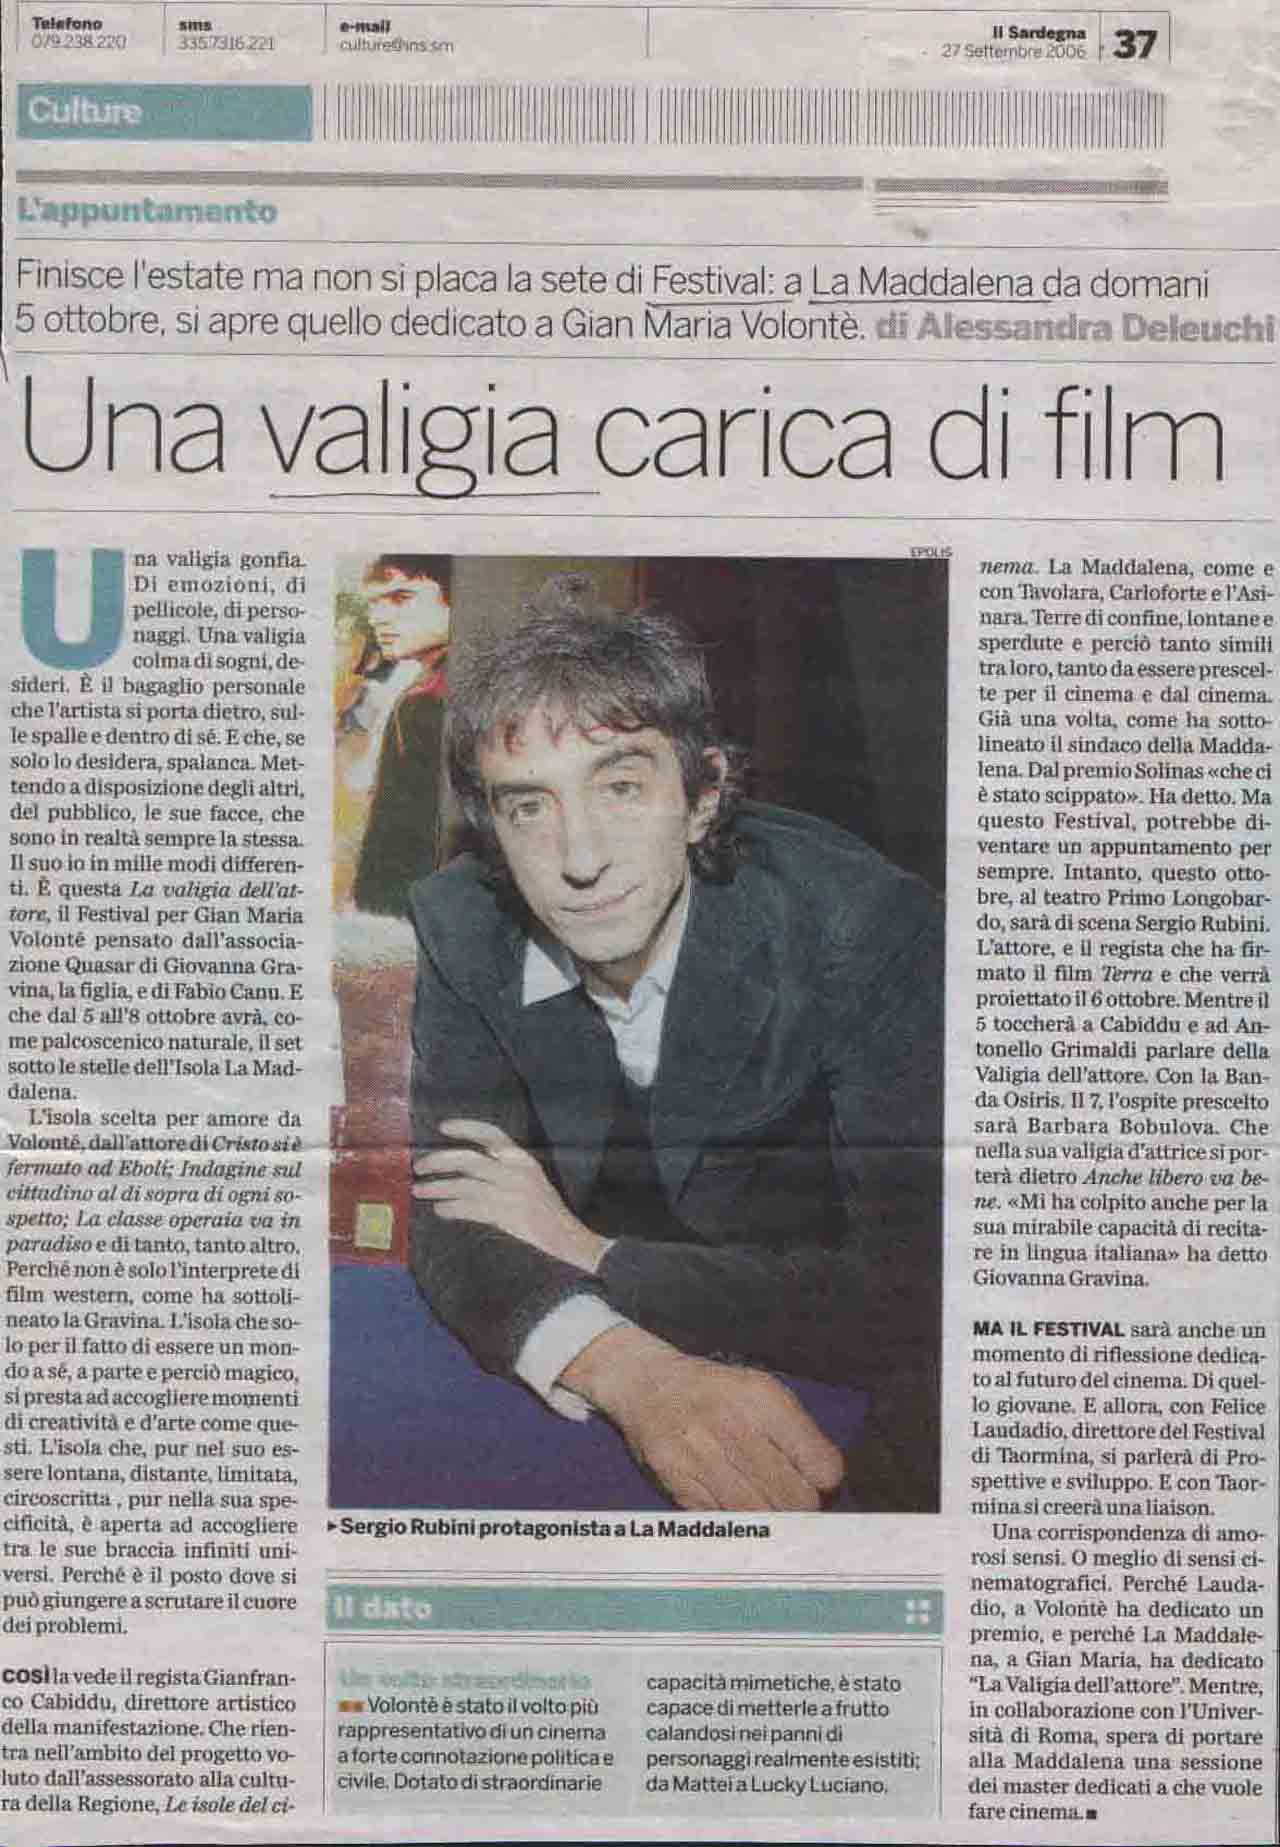 Il Sardegna (culture) 27 sett 2006